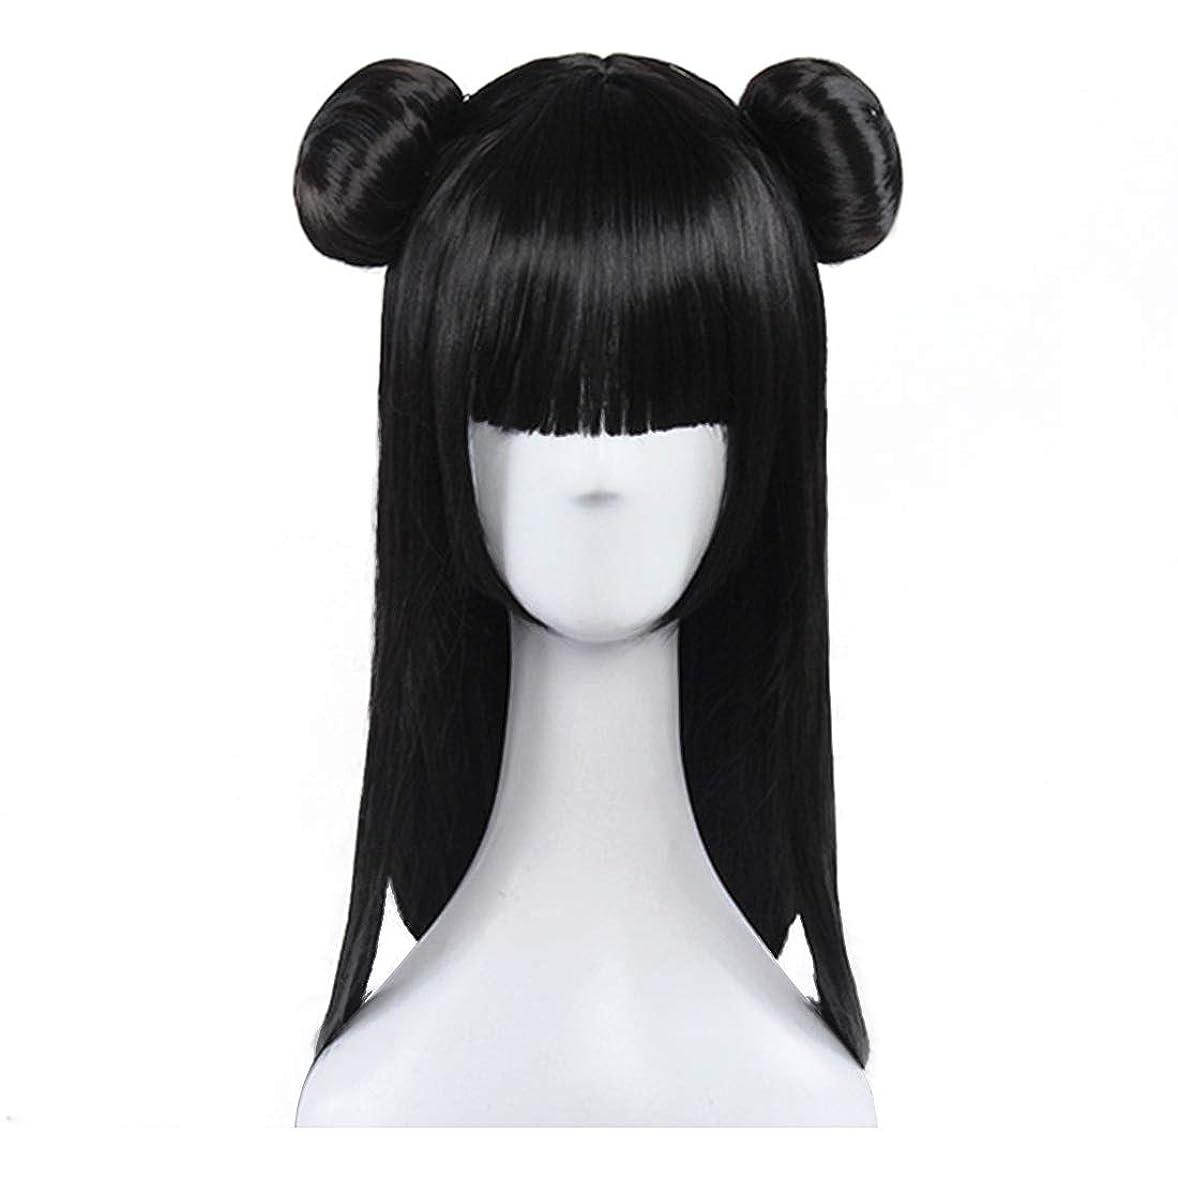 啓示シンジケートそれるBOBIDYEE 王女のコスプレかつら黒人格二重パンスタイリングロングヘアかつらアニメかつら合成髪レースかつらロールプレイングかつら (色 : 黒)